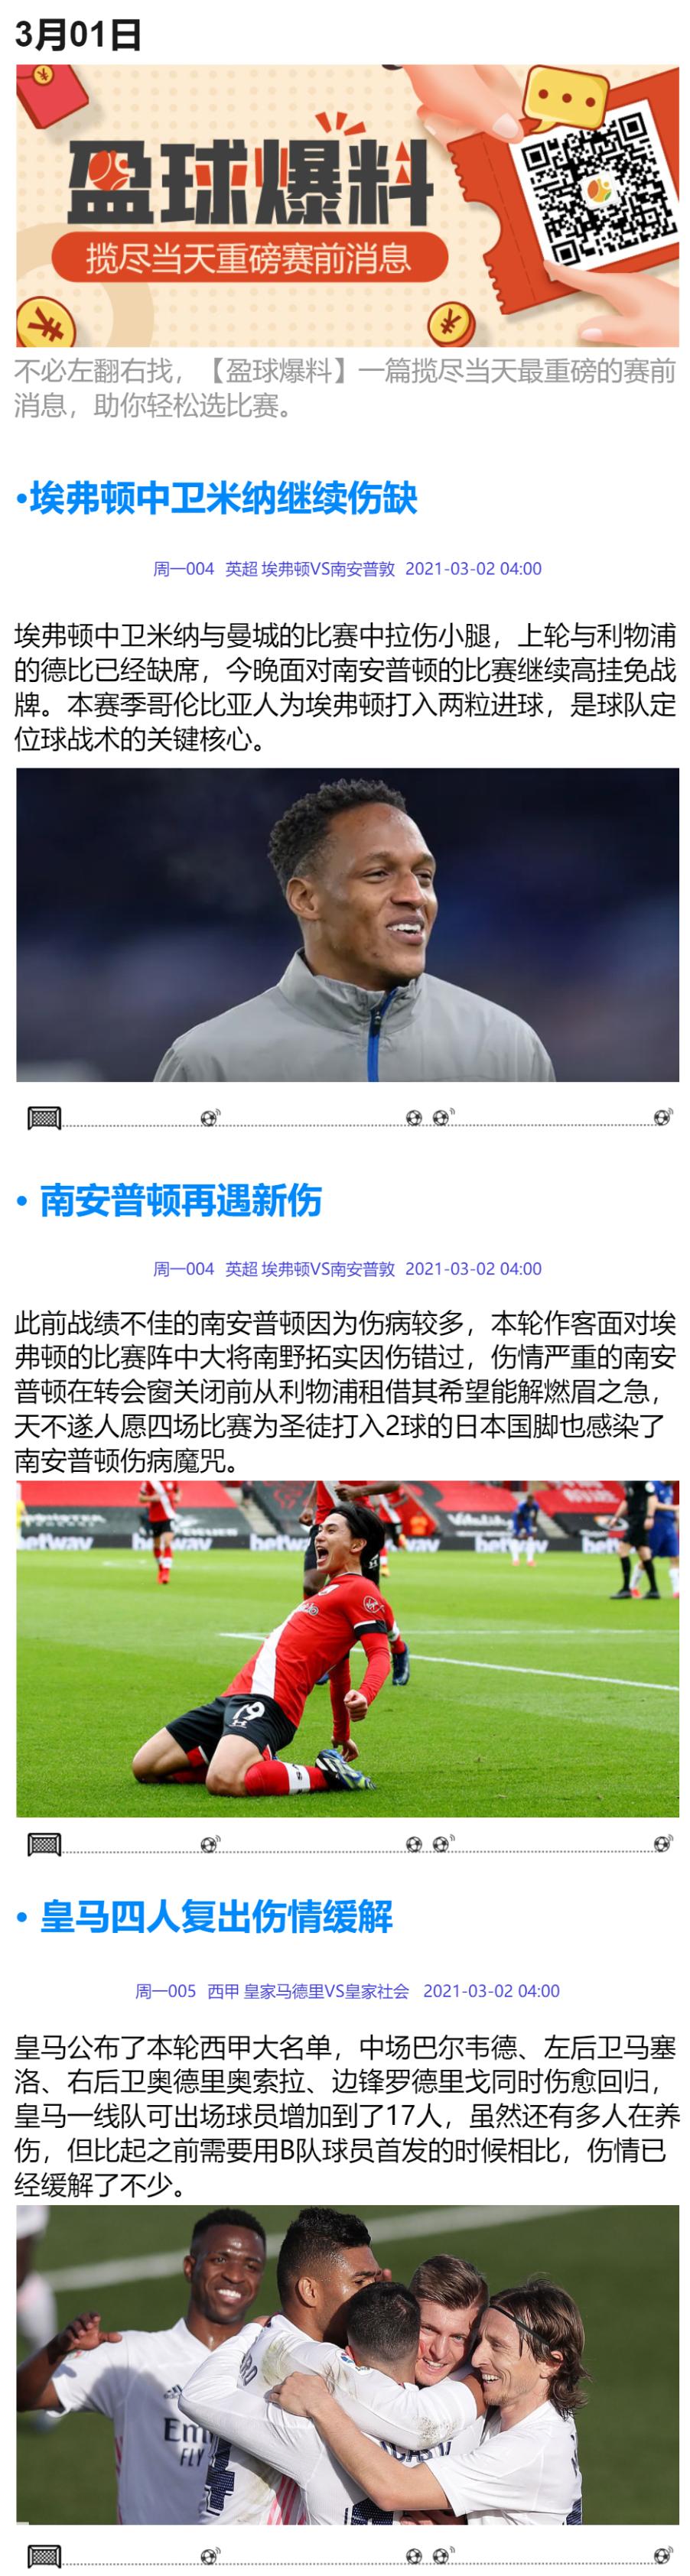 https://cdn.ttyingqiu.com/news/image/2021/3/1/202103011715000005.png